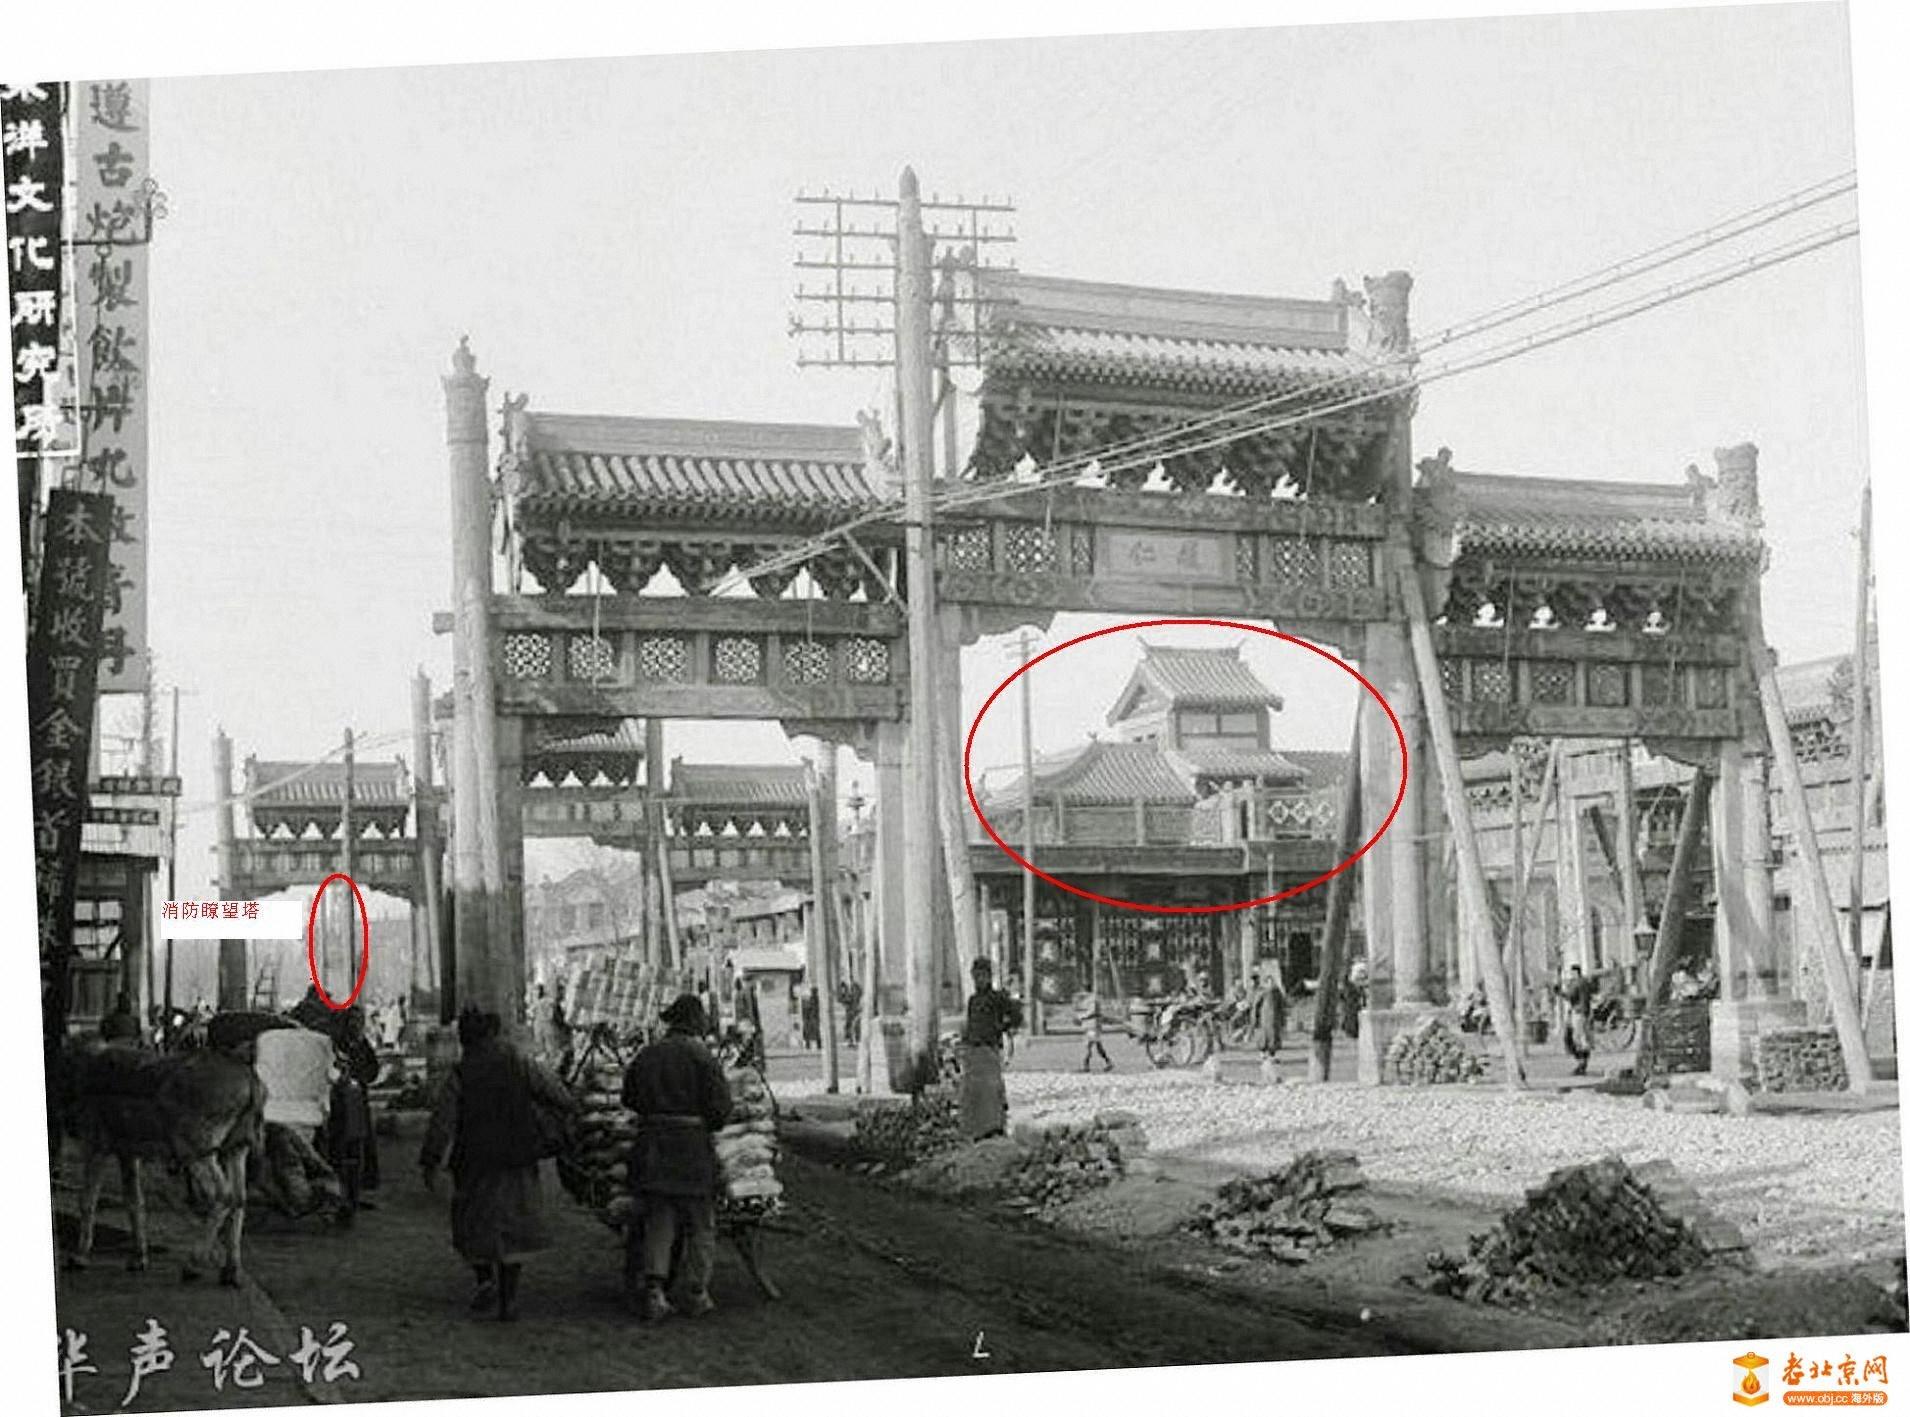 图15.东四东-履仁       (绘图).jpg